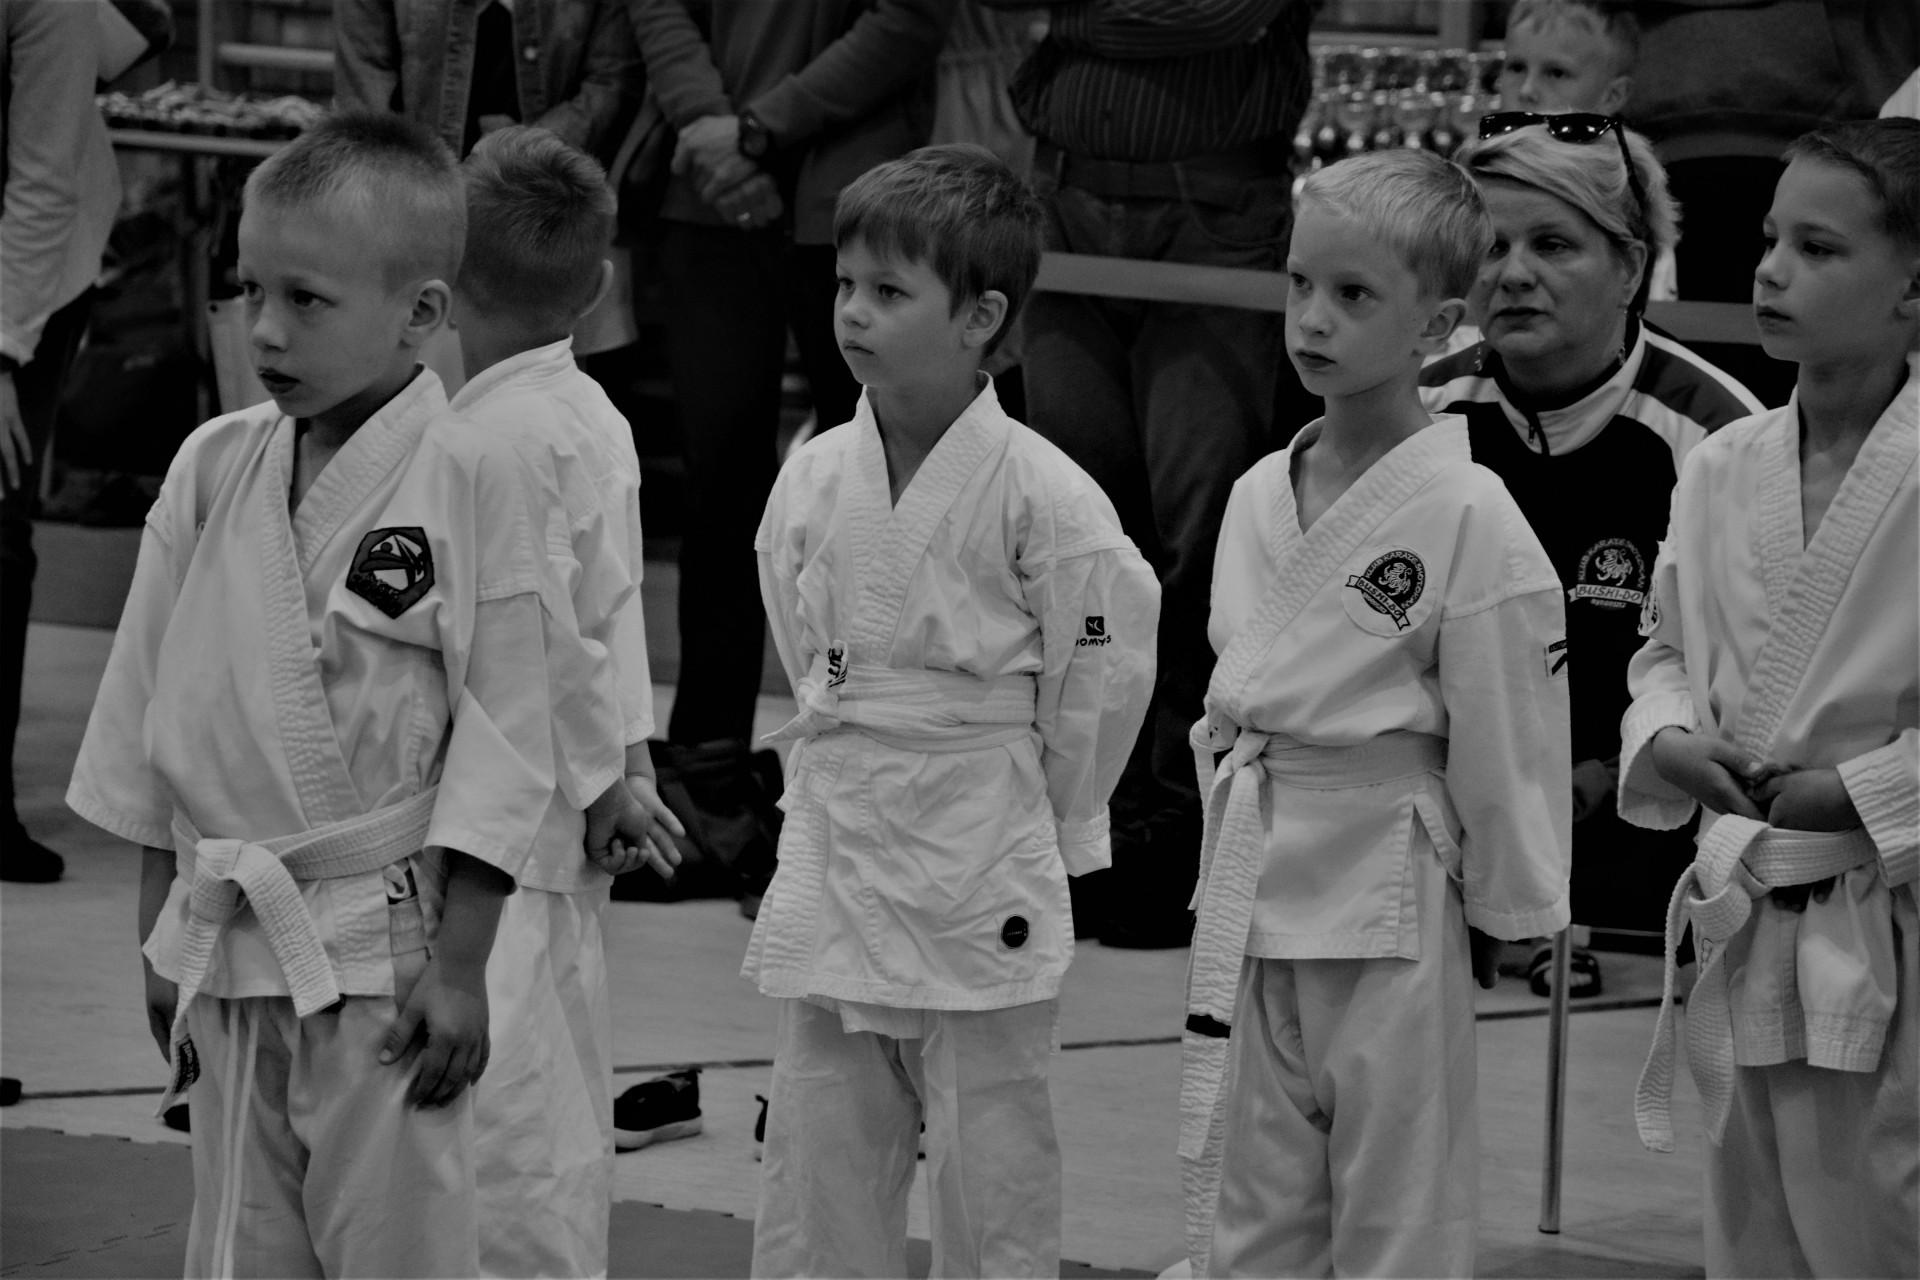 Karate - fotoreportaż. Żukowo, niedzielne przedpołudnie 2